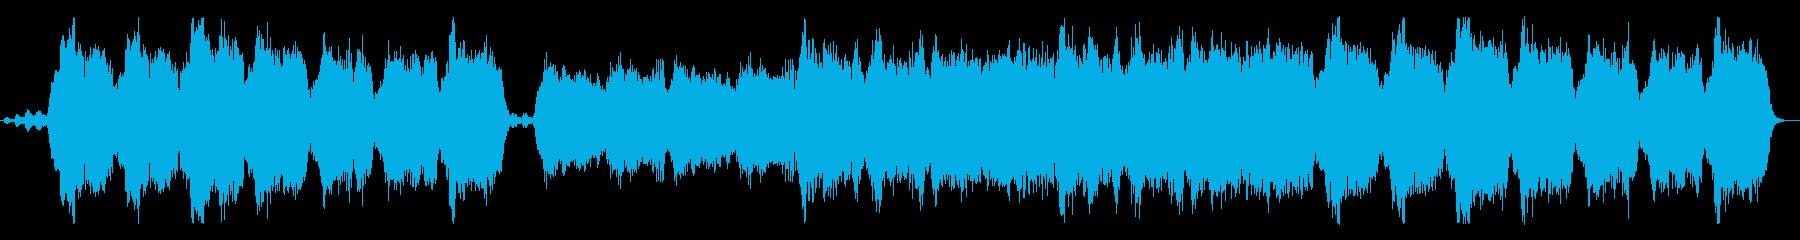 ストリングスの優雅な重和声の再生済みの波形